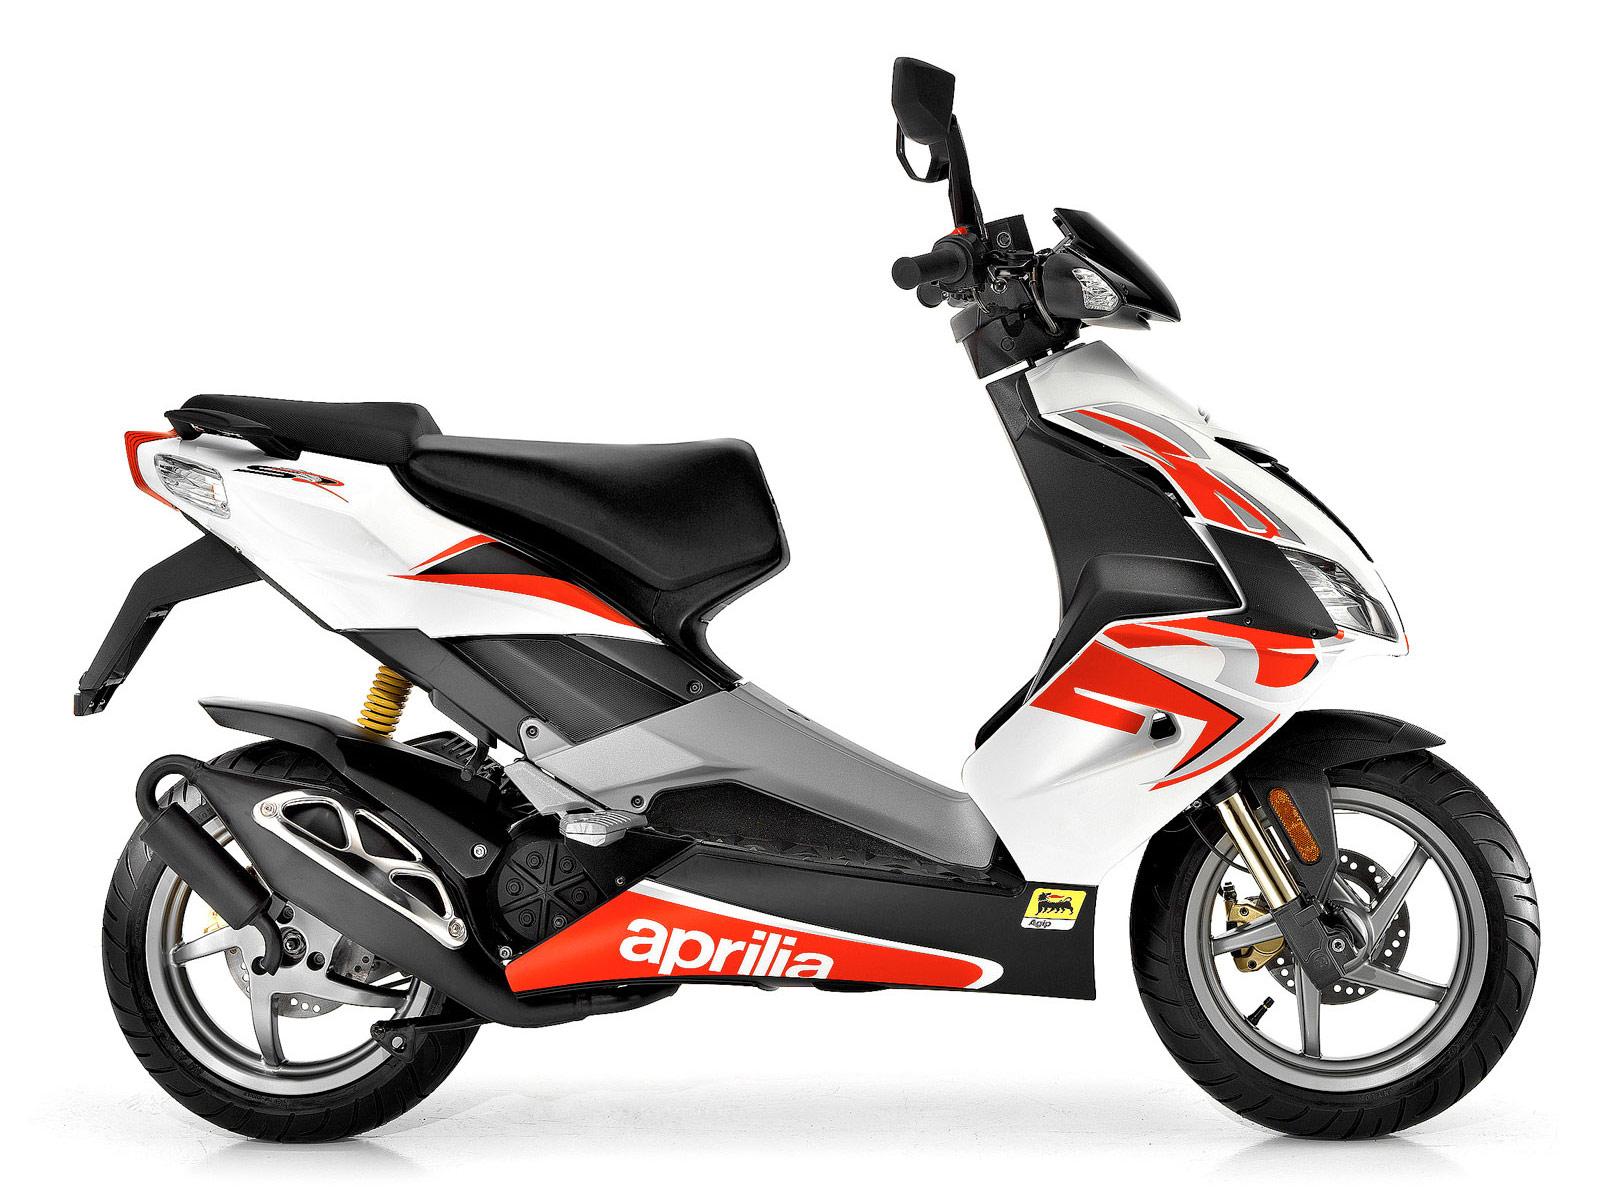 2011 aprilia sr50 scooter pictures insurance information. Black Bedroom Furniture Sets. Home Design Ideas